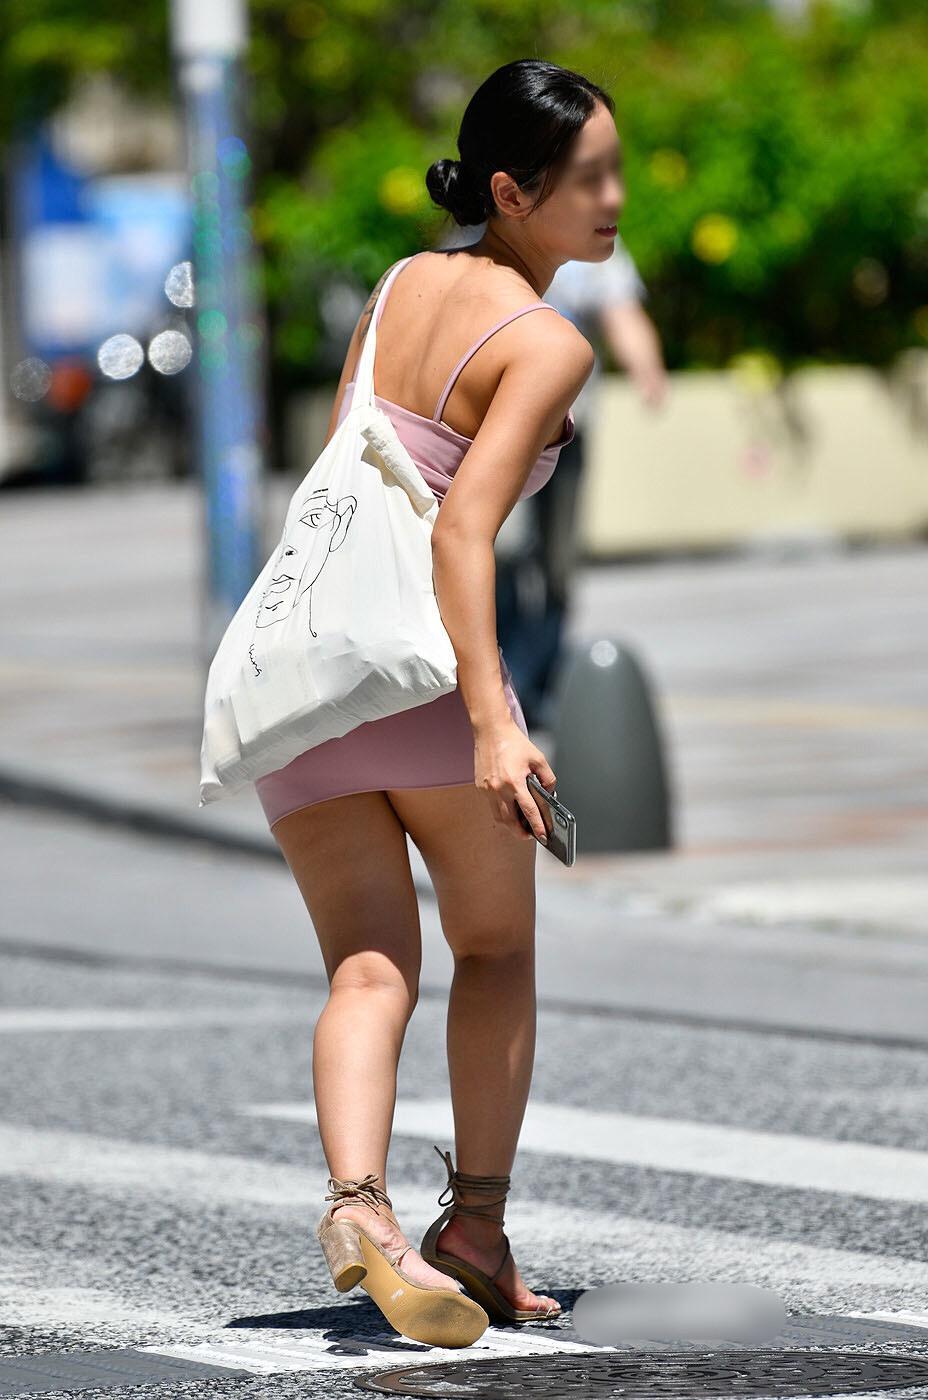 【着エロ画像】酷暑にうってつけ!丸出しな方もいる街角ギャルの生背中(;´∀`)